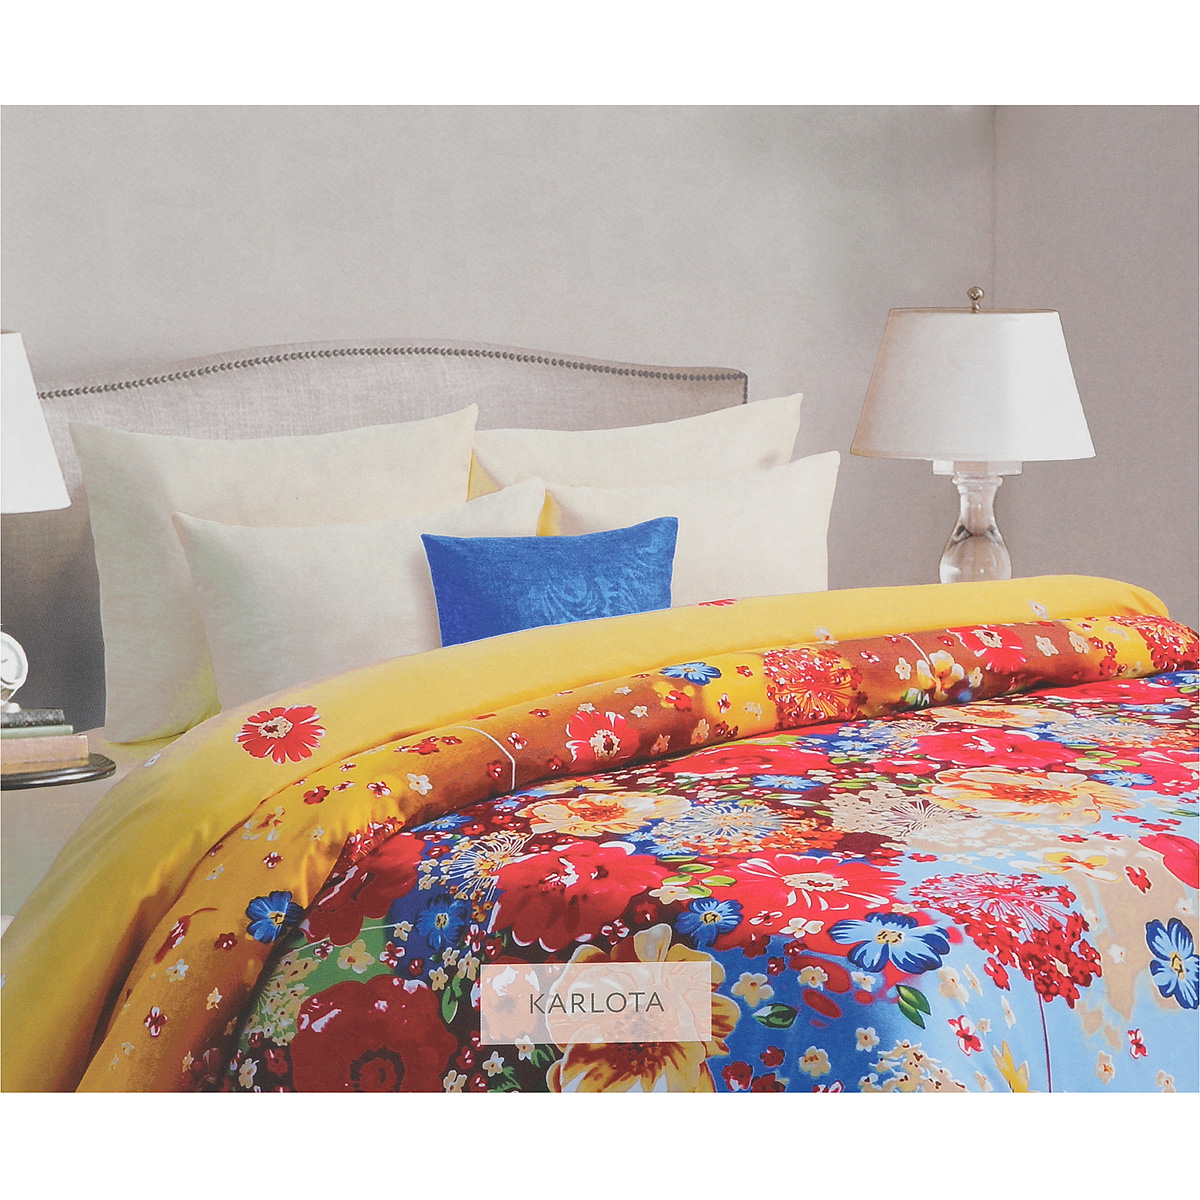 Комплект белья Mona Liza Karlota, евро, наволочки 70х70, цвет: желтый, голубой. 562109/5CLP446Комплект белья Mona Liza Karlota, выполненный из батиста (100% хлопок), состоит из пододеяльника, простыни и двух наволочек. Изделия оформлены красивым цветочным рисунком. Батист - тонкая, легкая натуральная ткань полотняного переплетения. Ткань с незначительной сминаемостью, хорошо сохраняющая цвет при стирке, легкая, с прекрасными гигиеническими показателями.В комплект входит: Пододеяльник - 1 шт. Размер: 200 см х 220 см. Простыня - 1 шт. Размер: 215 см х 240 см. Наволочка - 2 шт. Размер: 70 см х 70 см. Рекомендации по уходу: - Ручная и машинная стирка 40°С, - Гладить при температуре не более 150°С, - Не использовать хлорсодержащие средства, - Щадящая сушка, - Не подвергать химчистке.